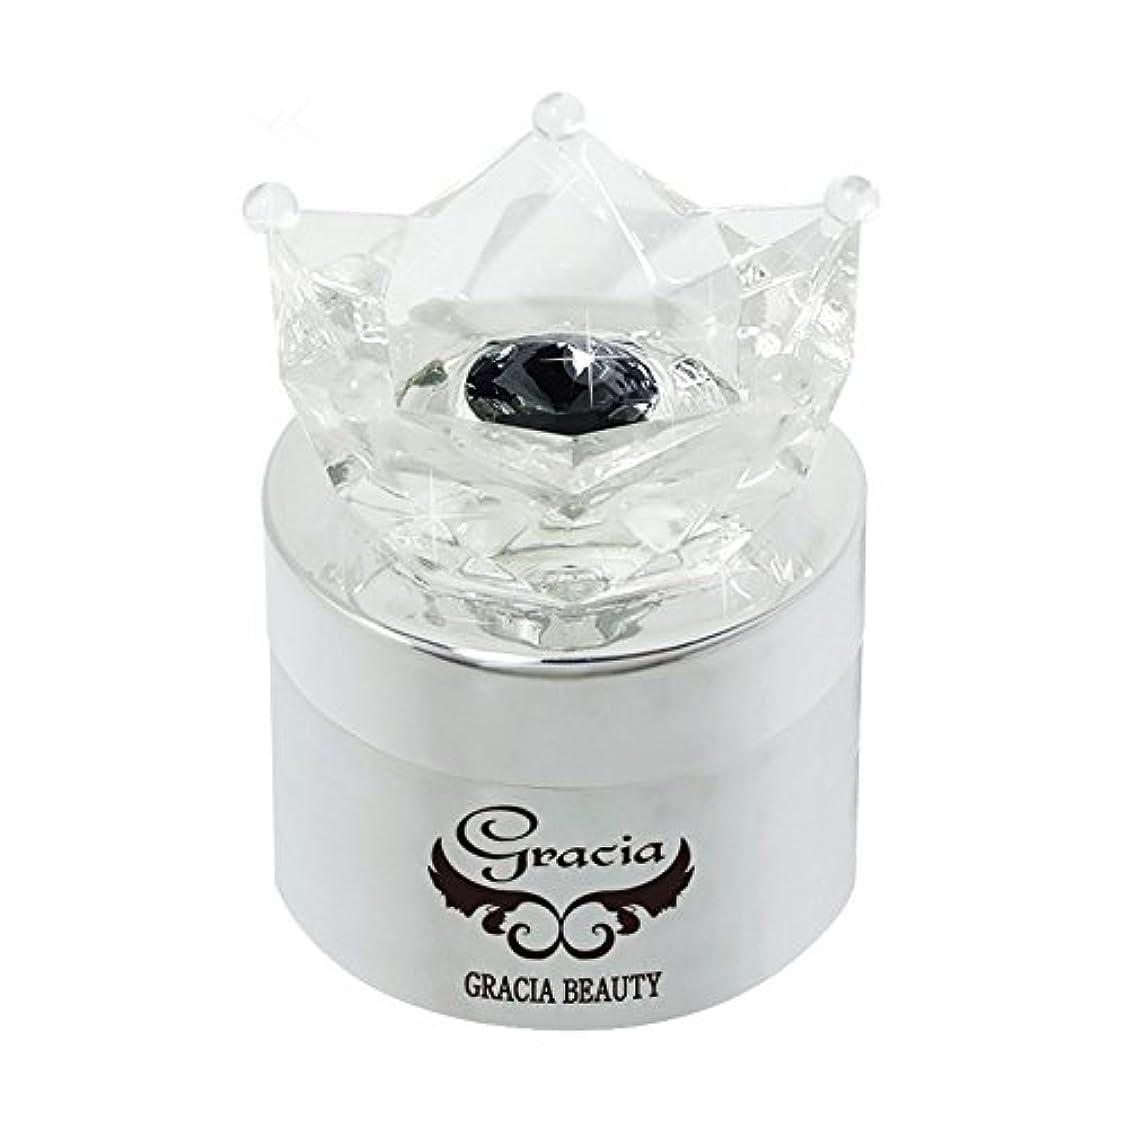 グラシア ジェルネイル コフレットジェル GJ-056P 5g シルバー パール UV/LED対応 カラージェル ソークオフジェル